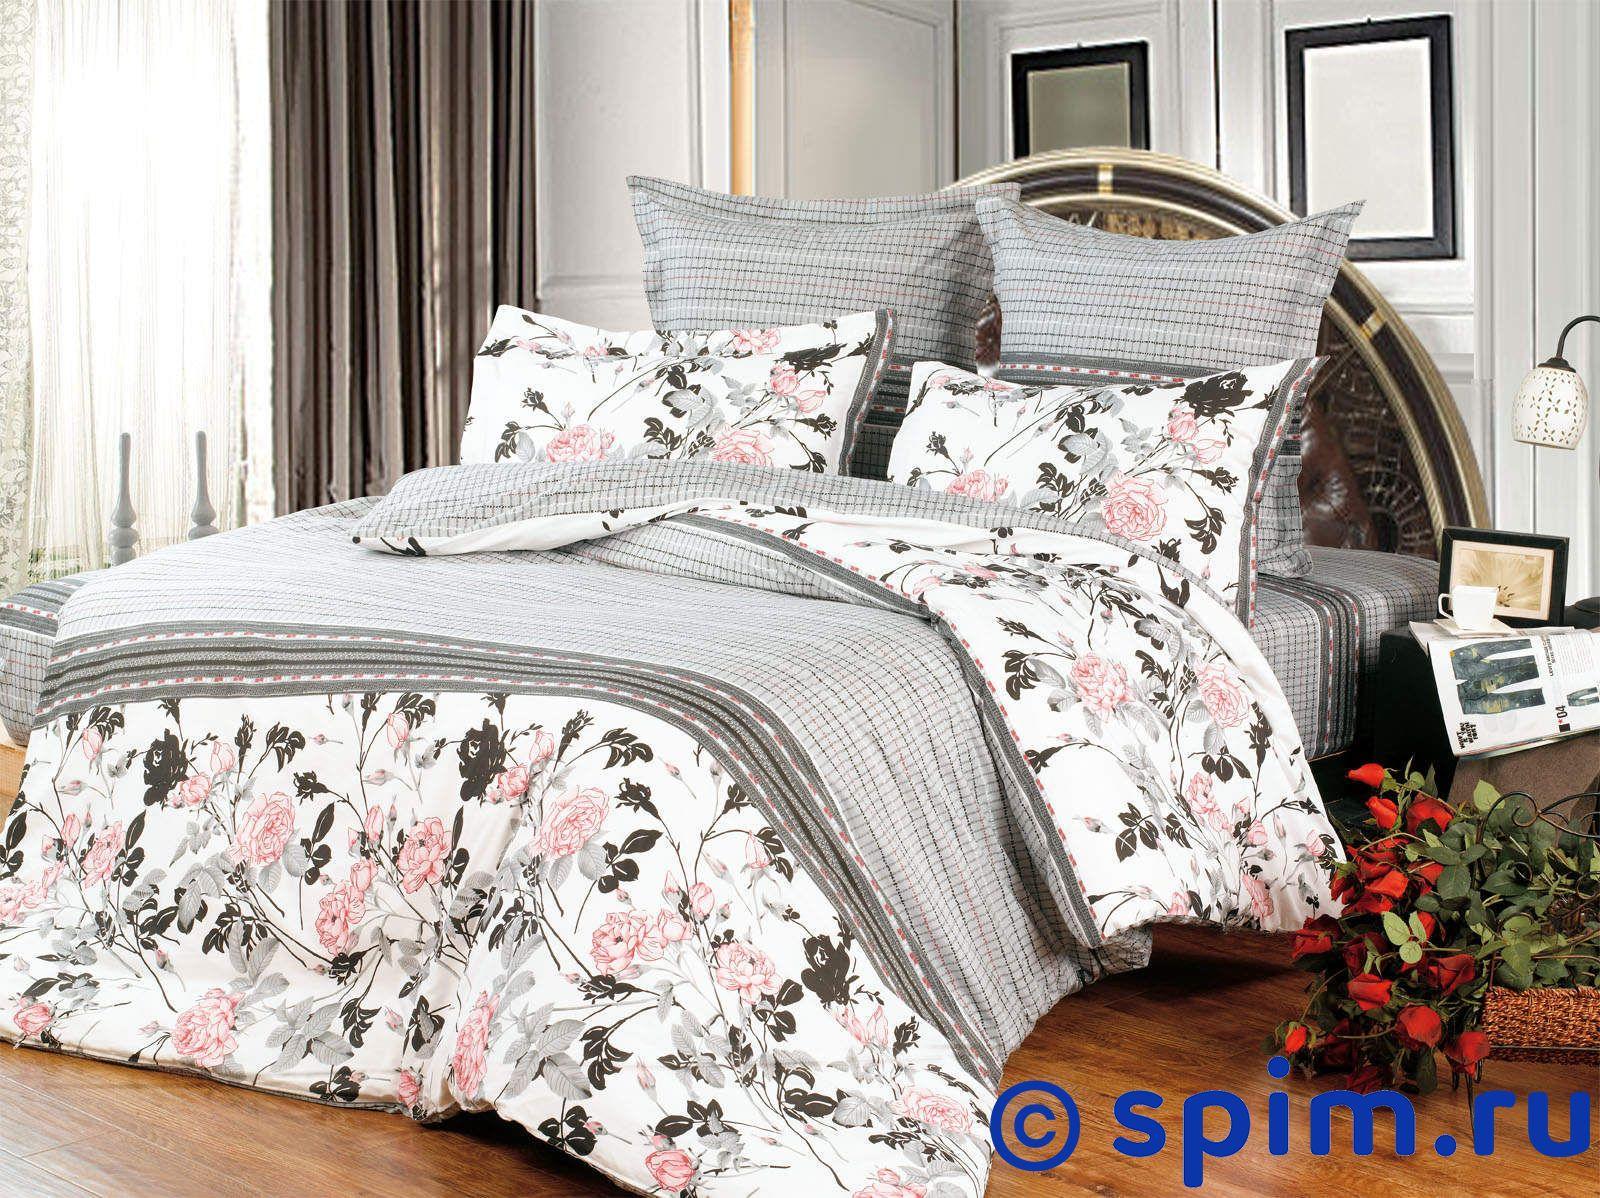 Комплект СайлиД В116 1.5 спальное